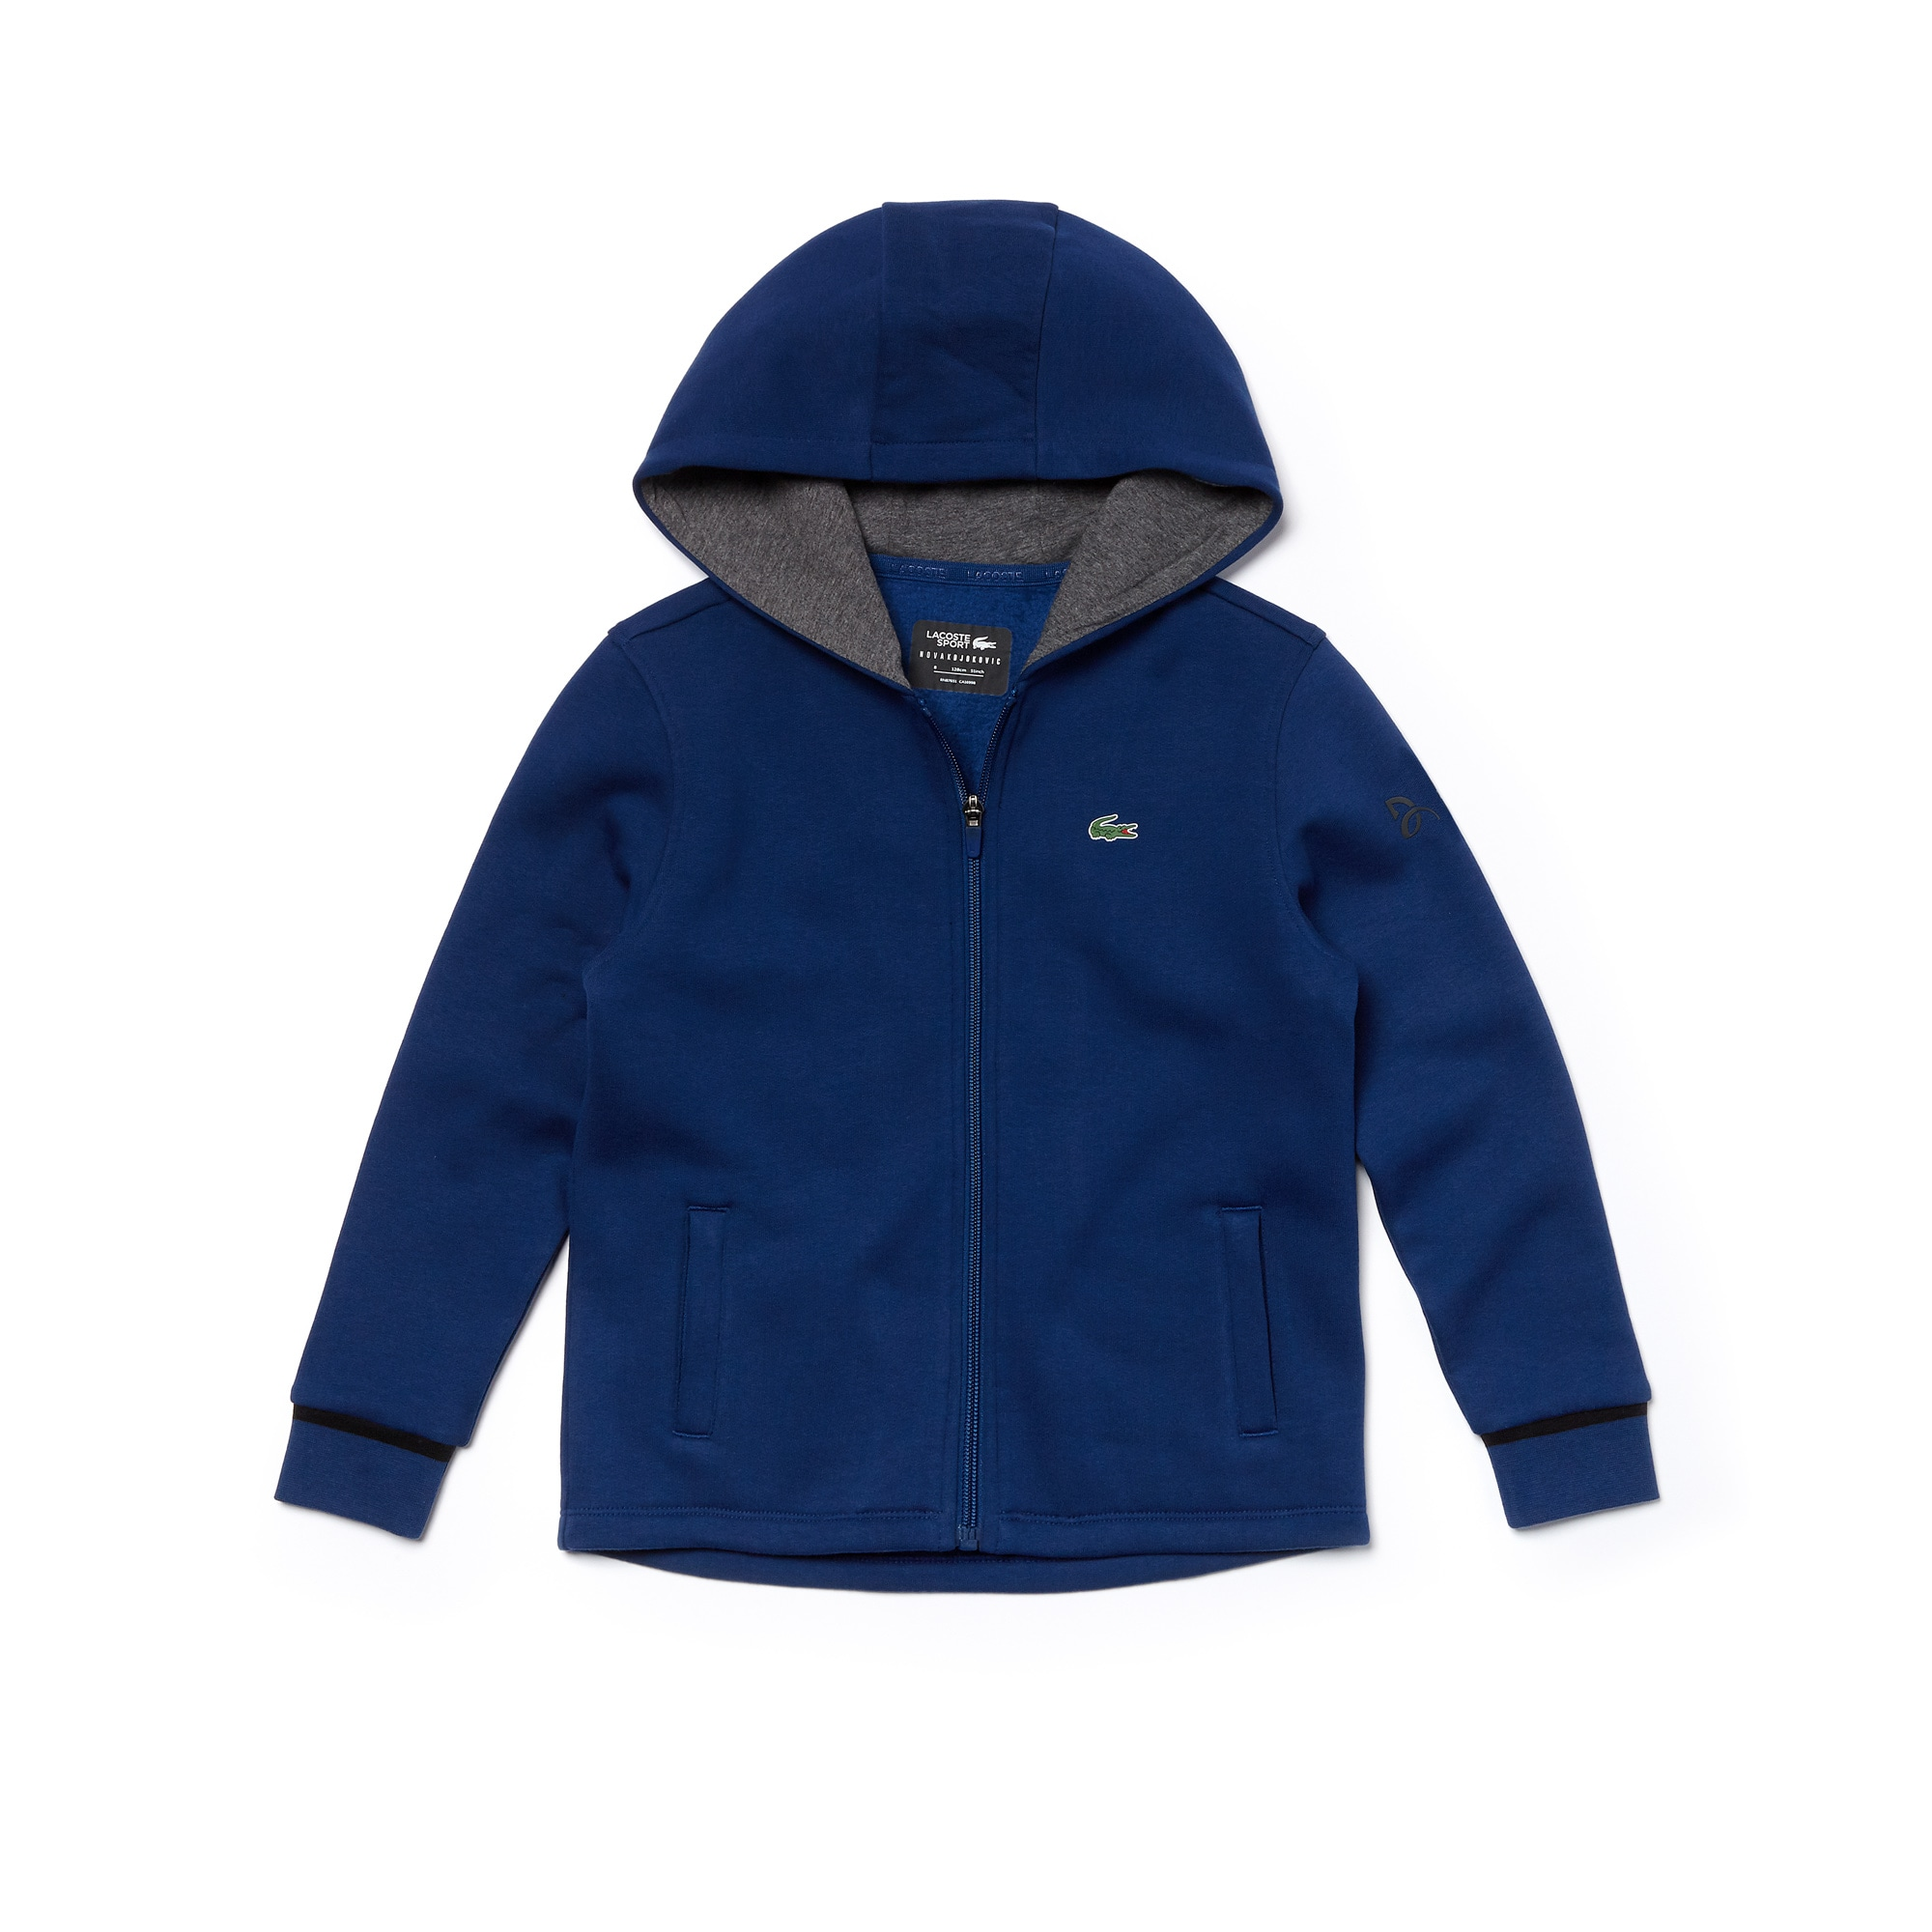 Boys' Lacoste SPORT NOVAK DJOKOVIC SUPPORT WITH STYLE COLLECTION Hooded Fleece Sweatshirt